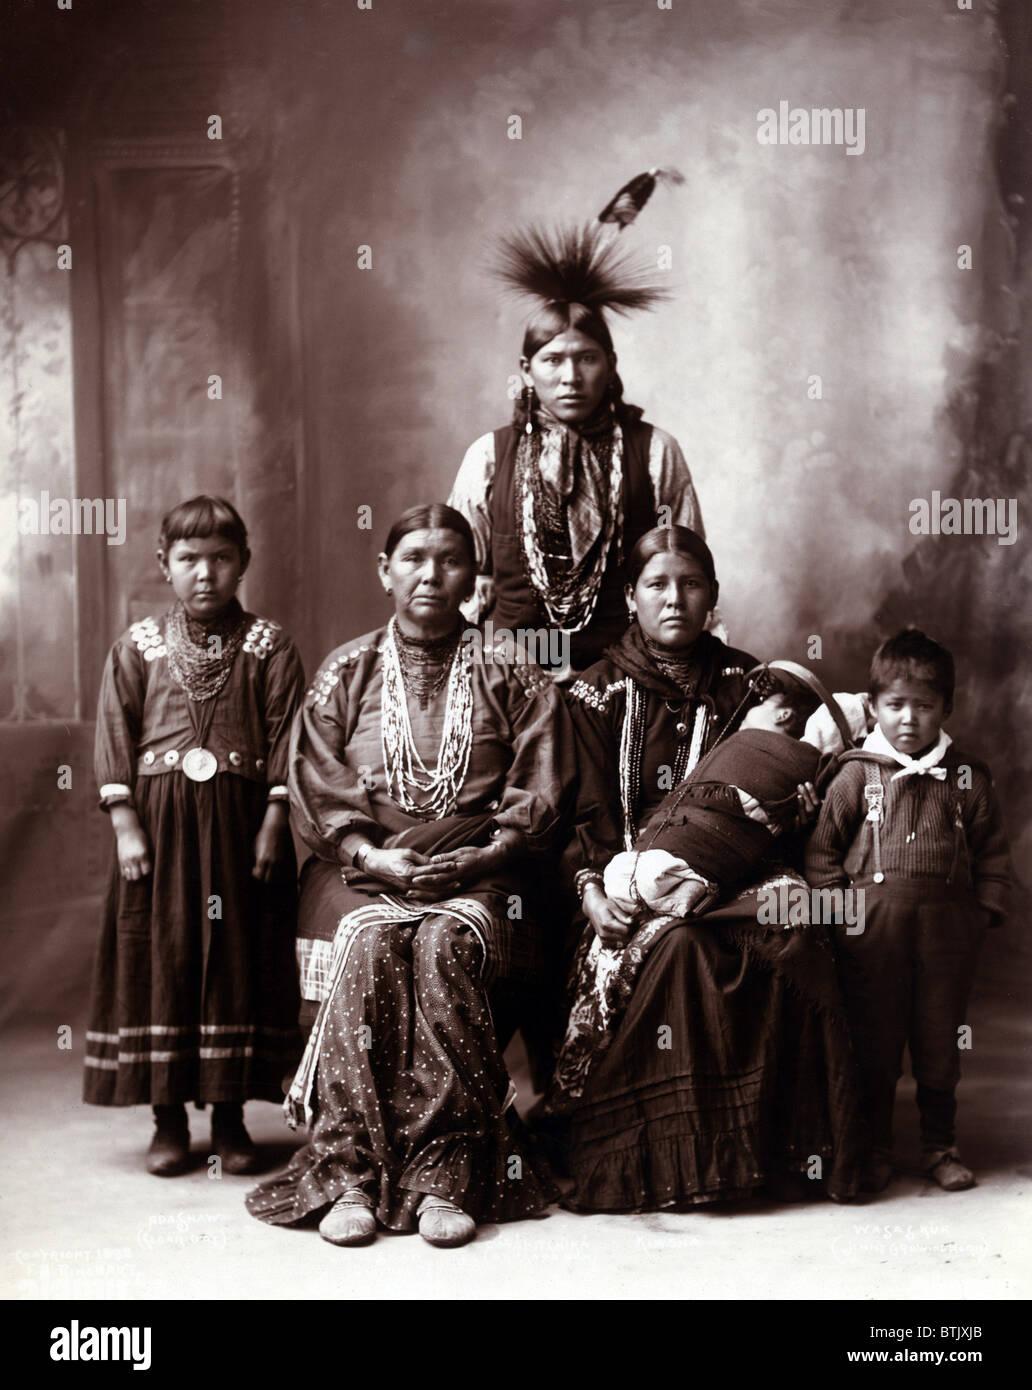 """Native American Family, Título original: """"auk familia india"""", fotografía tomada por Frank A. Imagen De Stock"""